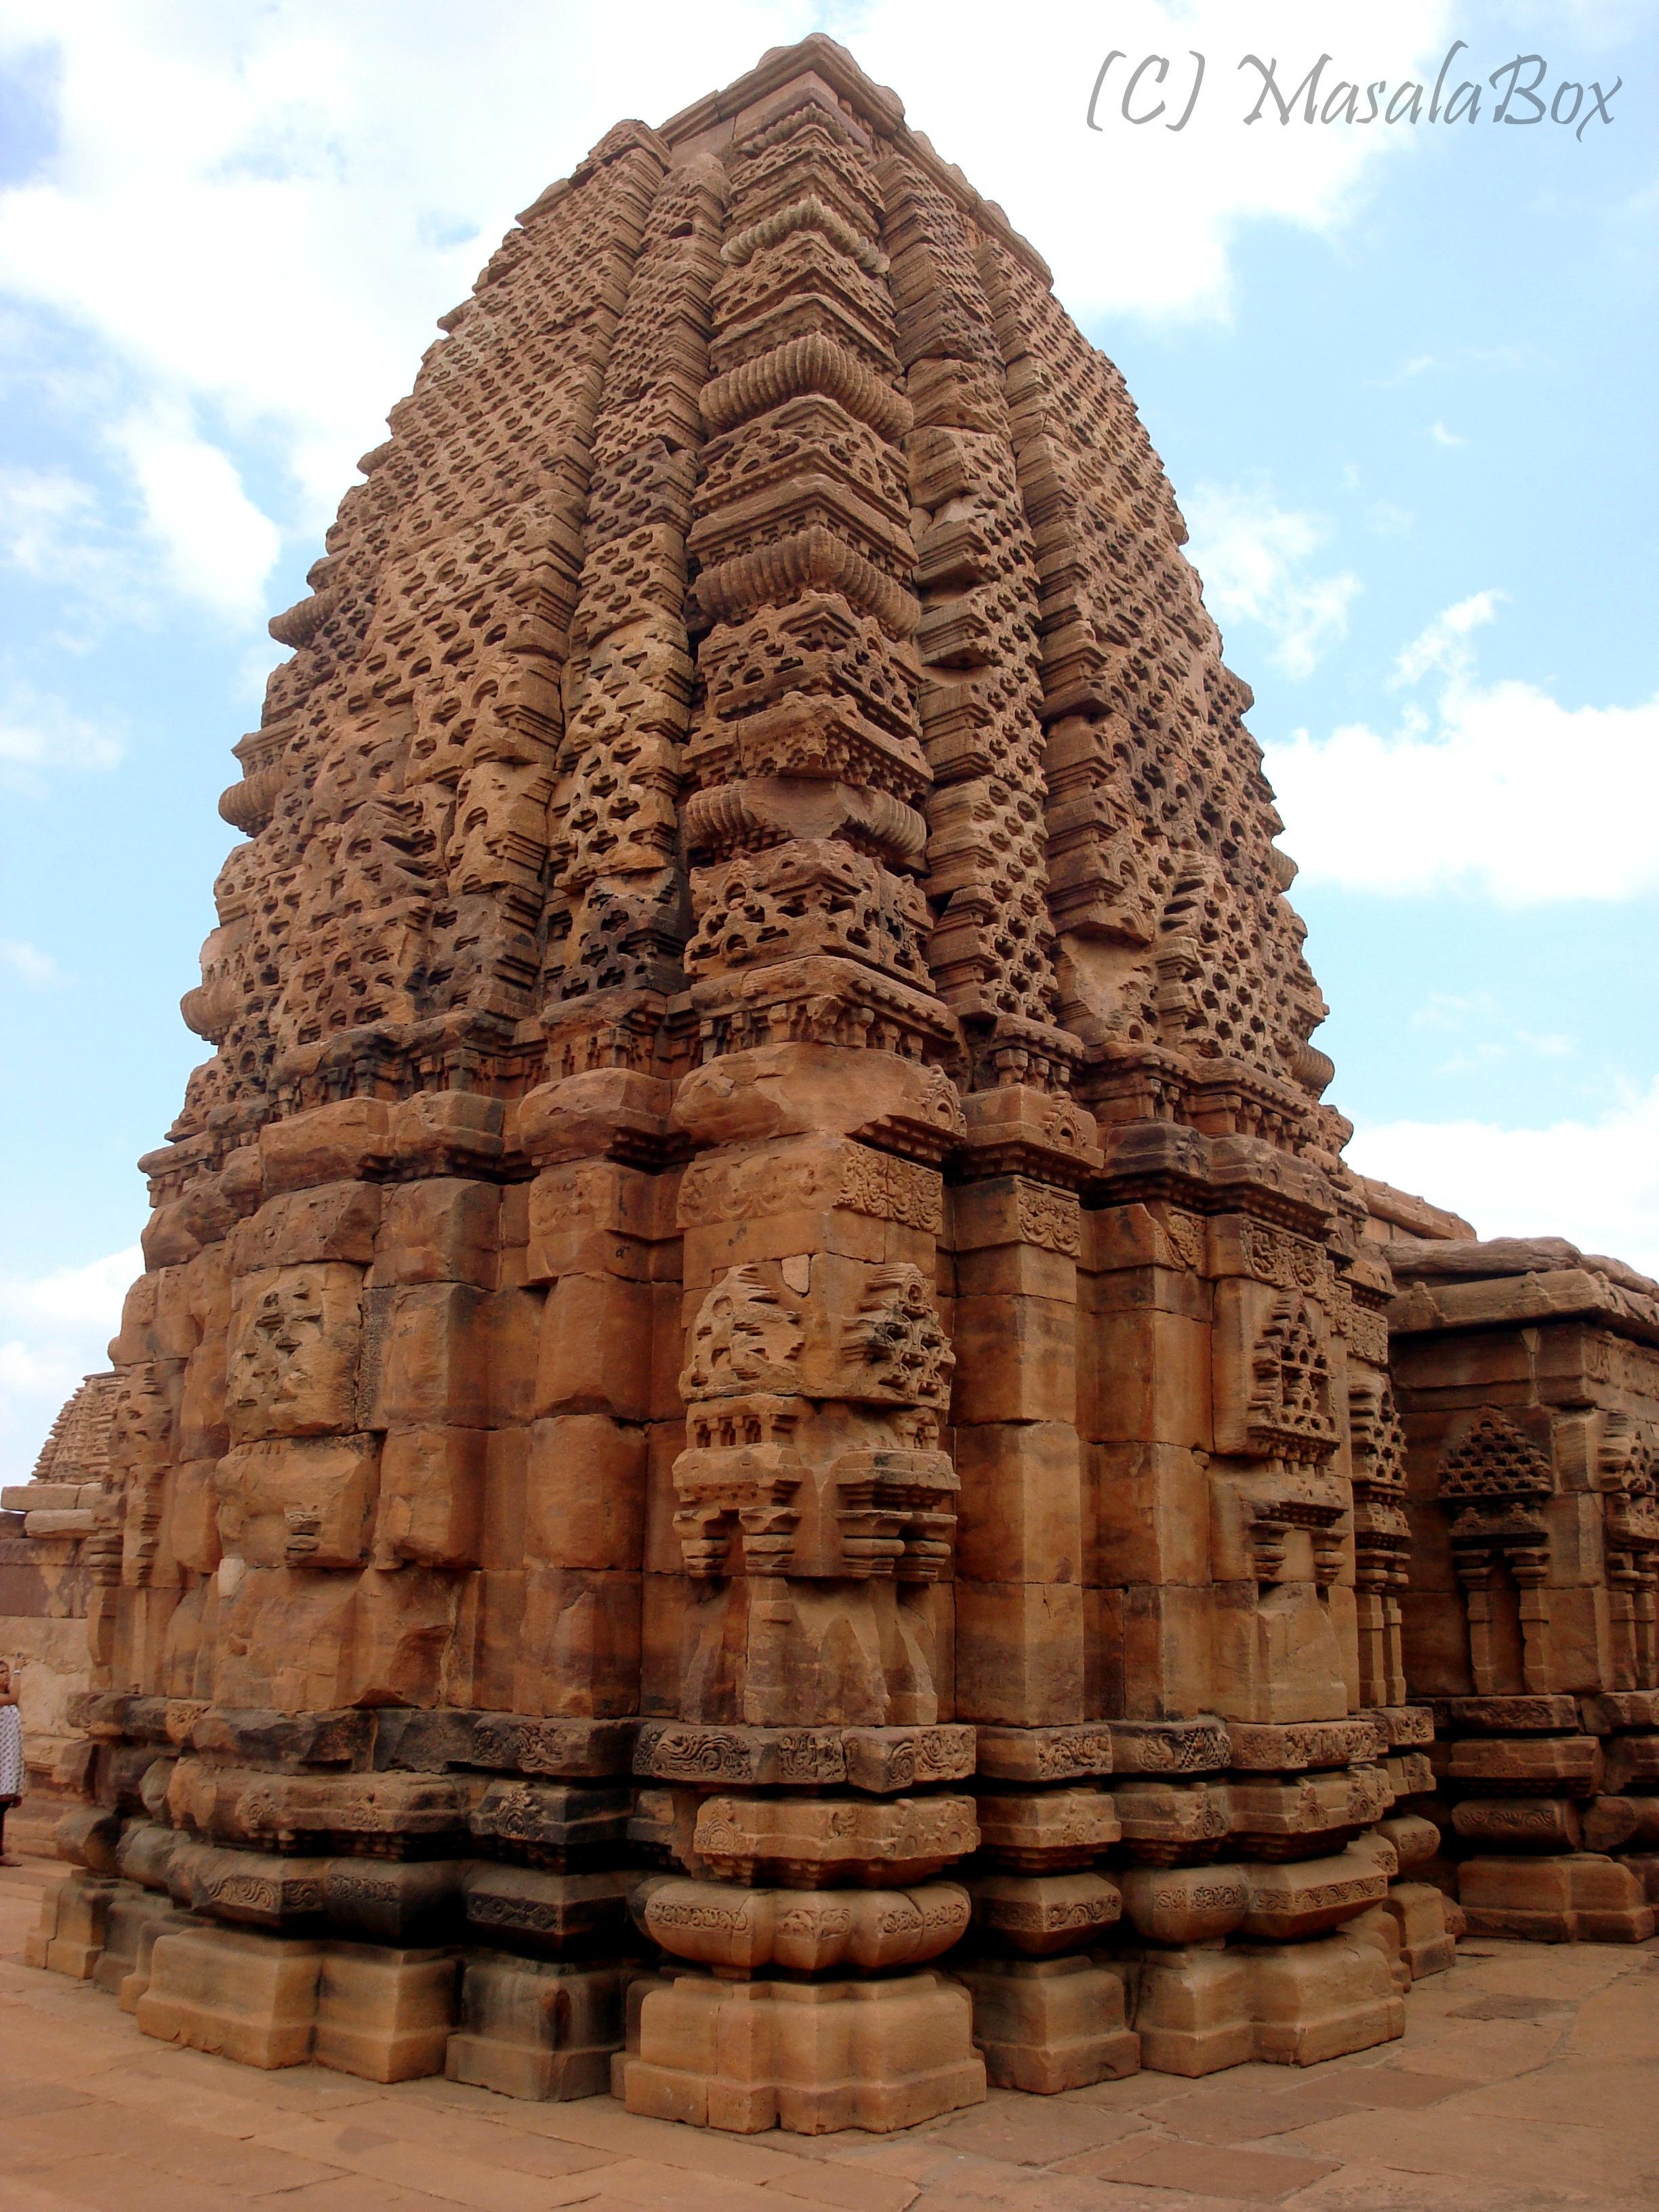 Pattadakal - Rekhanagara style